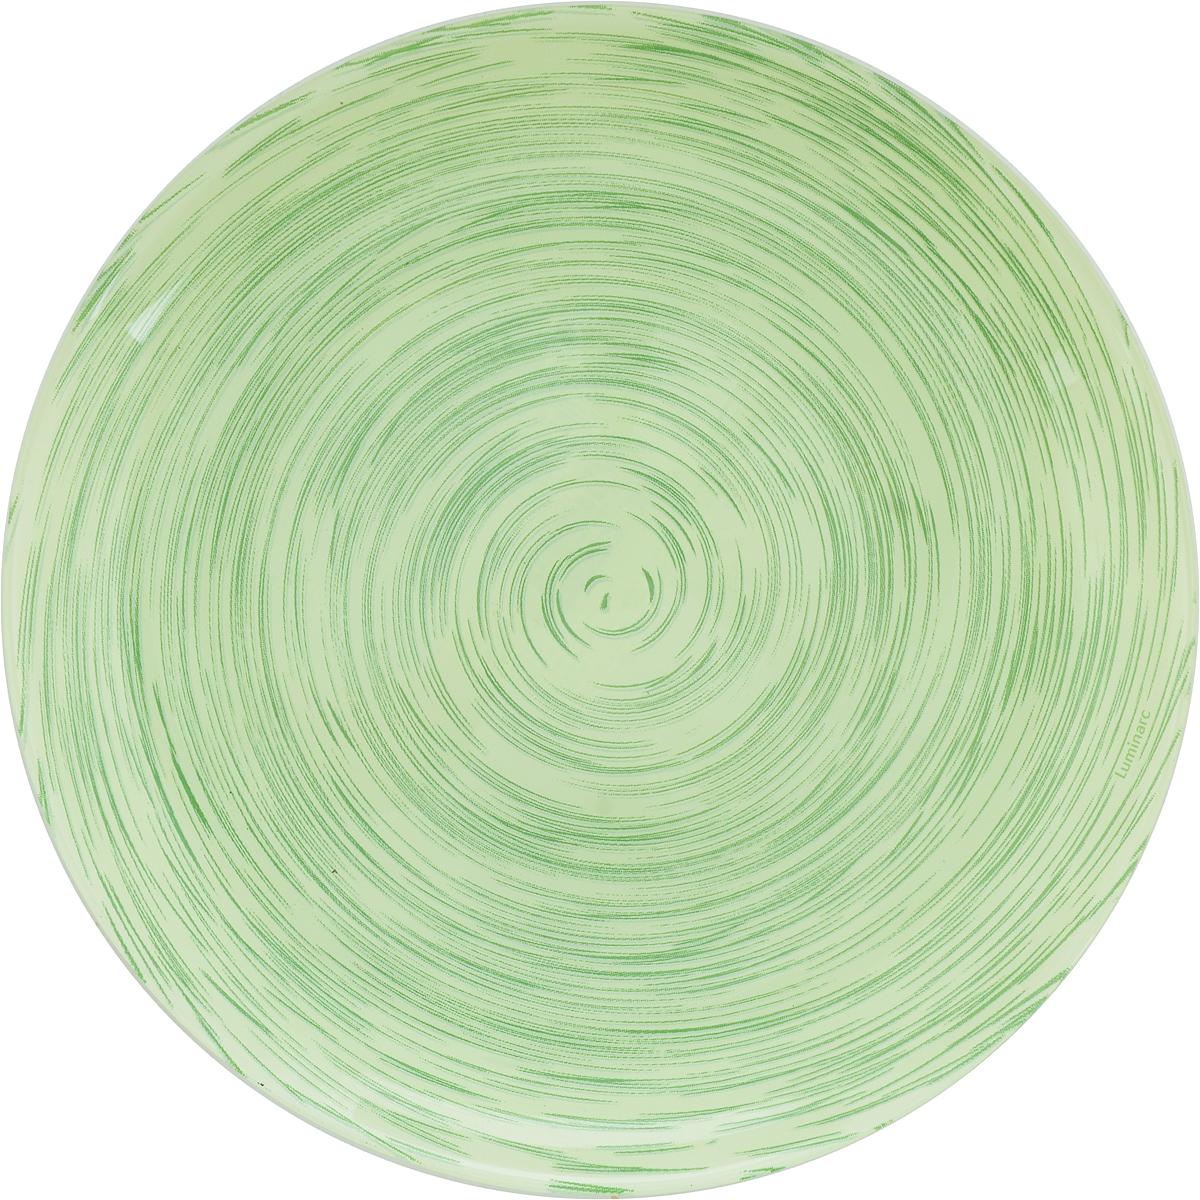 Тарелка суповая Luminarc Stonemania Pistache, диаметр 20 см салатник luminarc stonemania  цвет